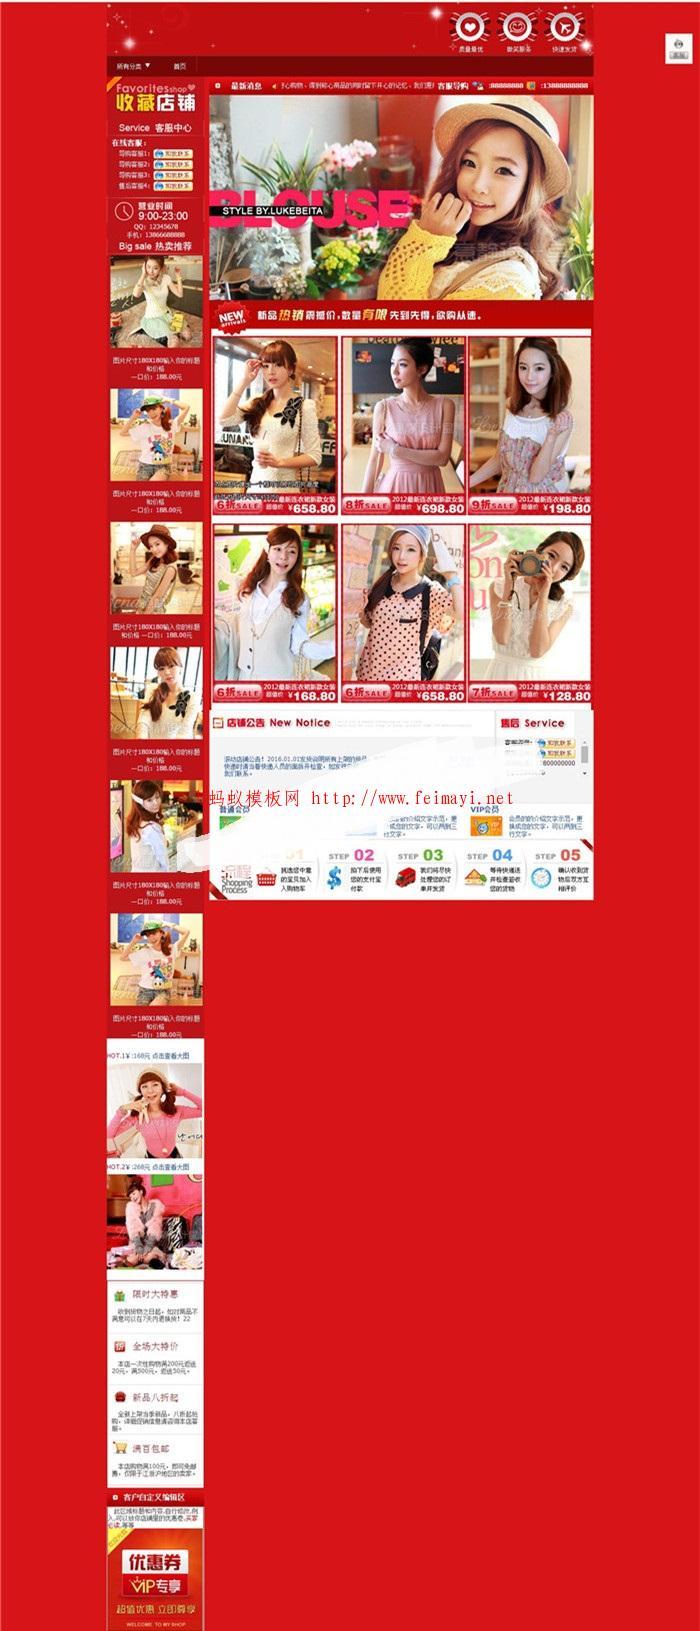 深红色系列淘宝女装基础版店铺装修免费模板自带轮播图代码模板